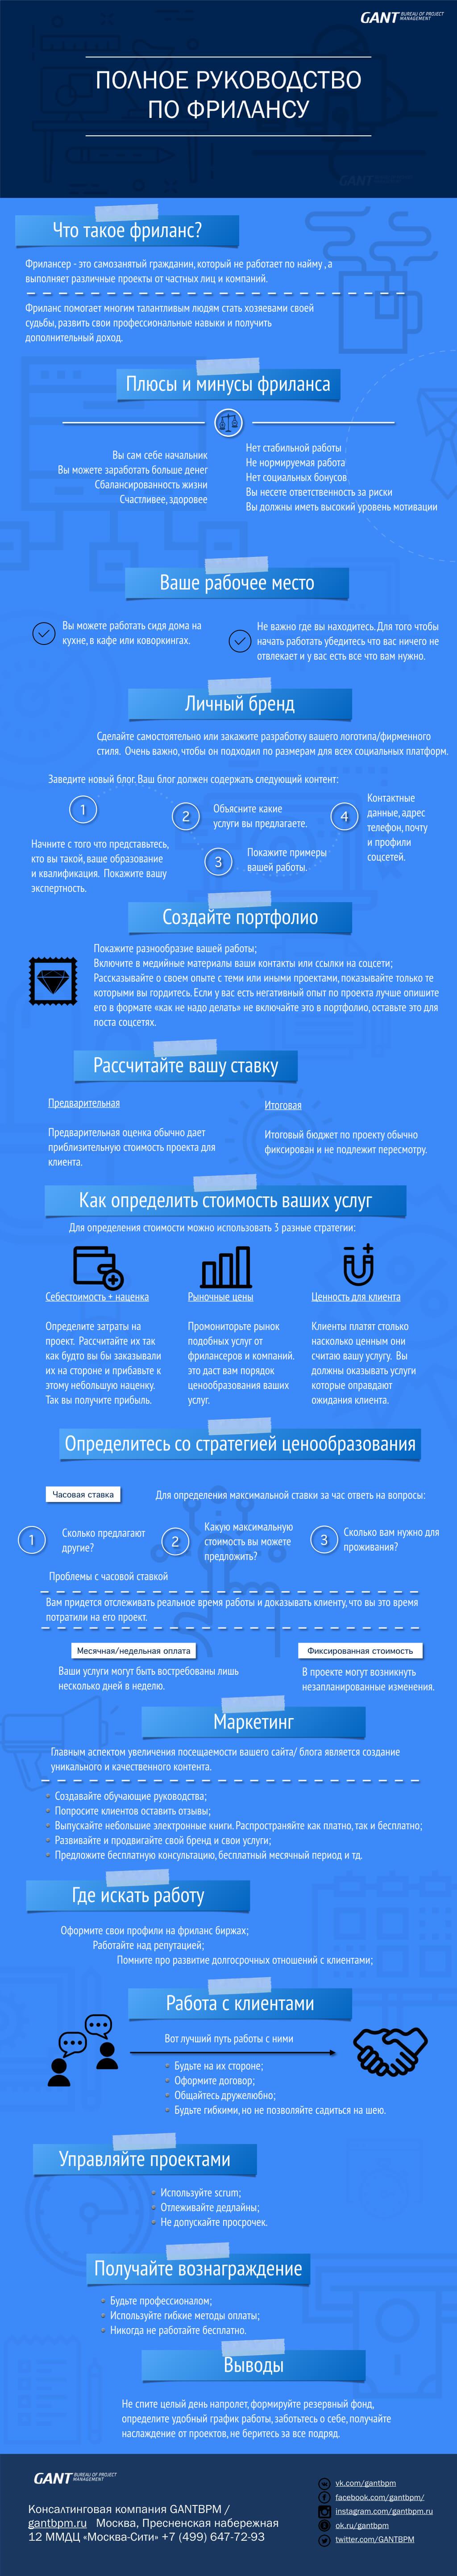 Полное руководство по фрилансу. #Инфографика